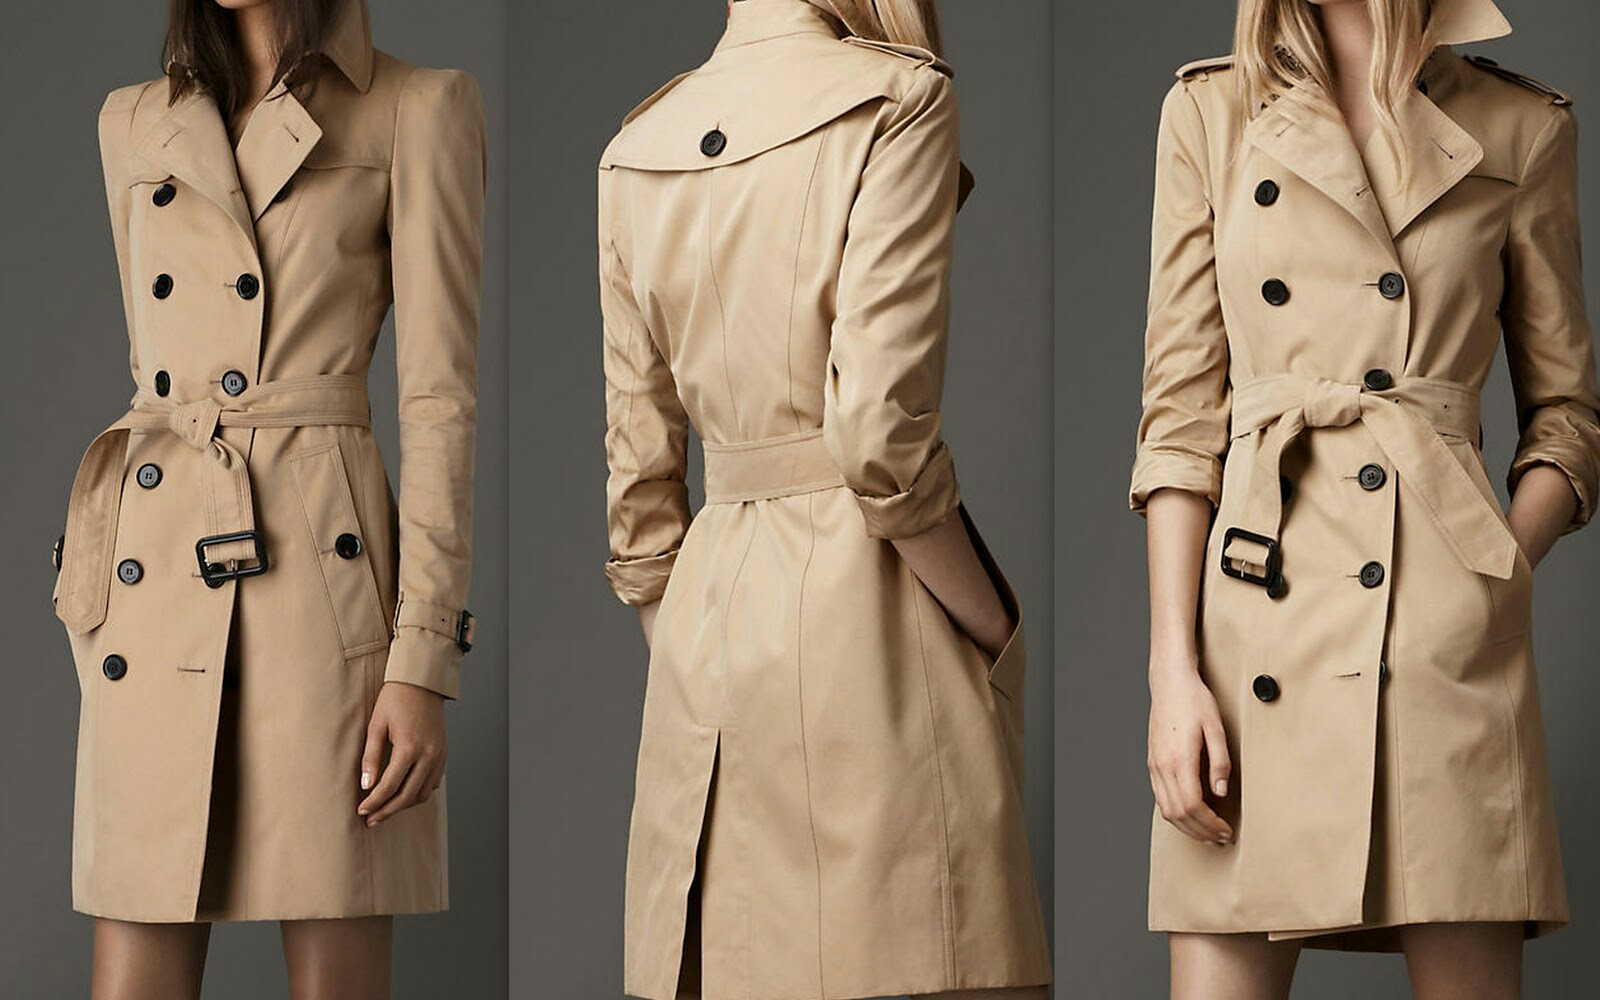 Женский тренчкот – классический, пальто, длинный, короткий, без рукавов, с поясом, оверсайз, платье, в клетку, двубортный, шерстяной, кожаный